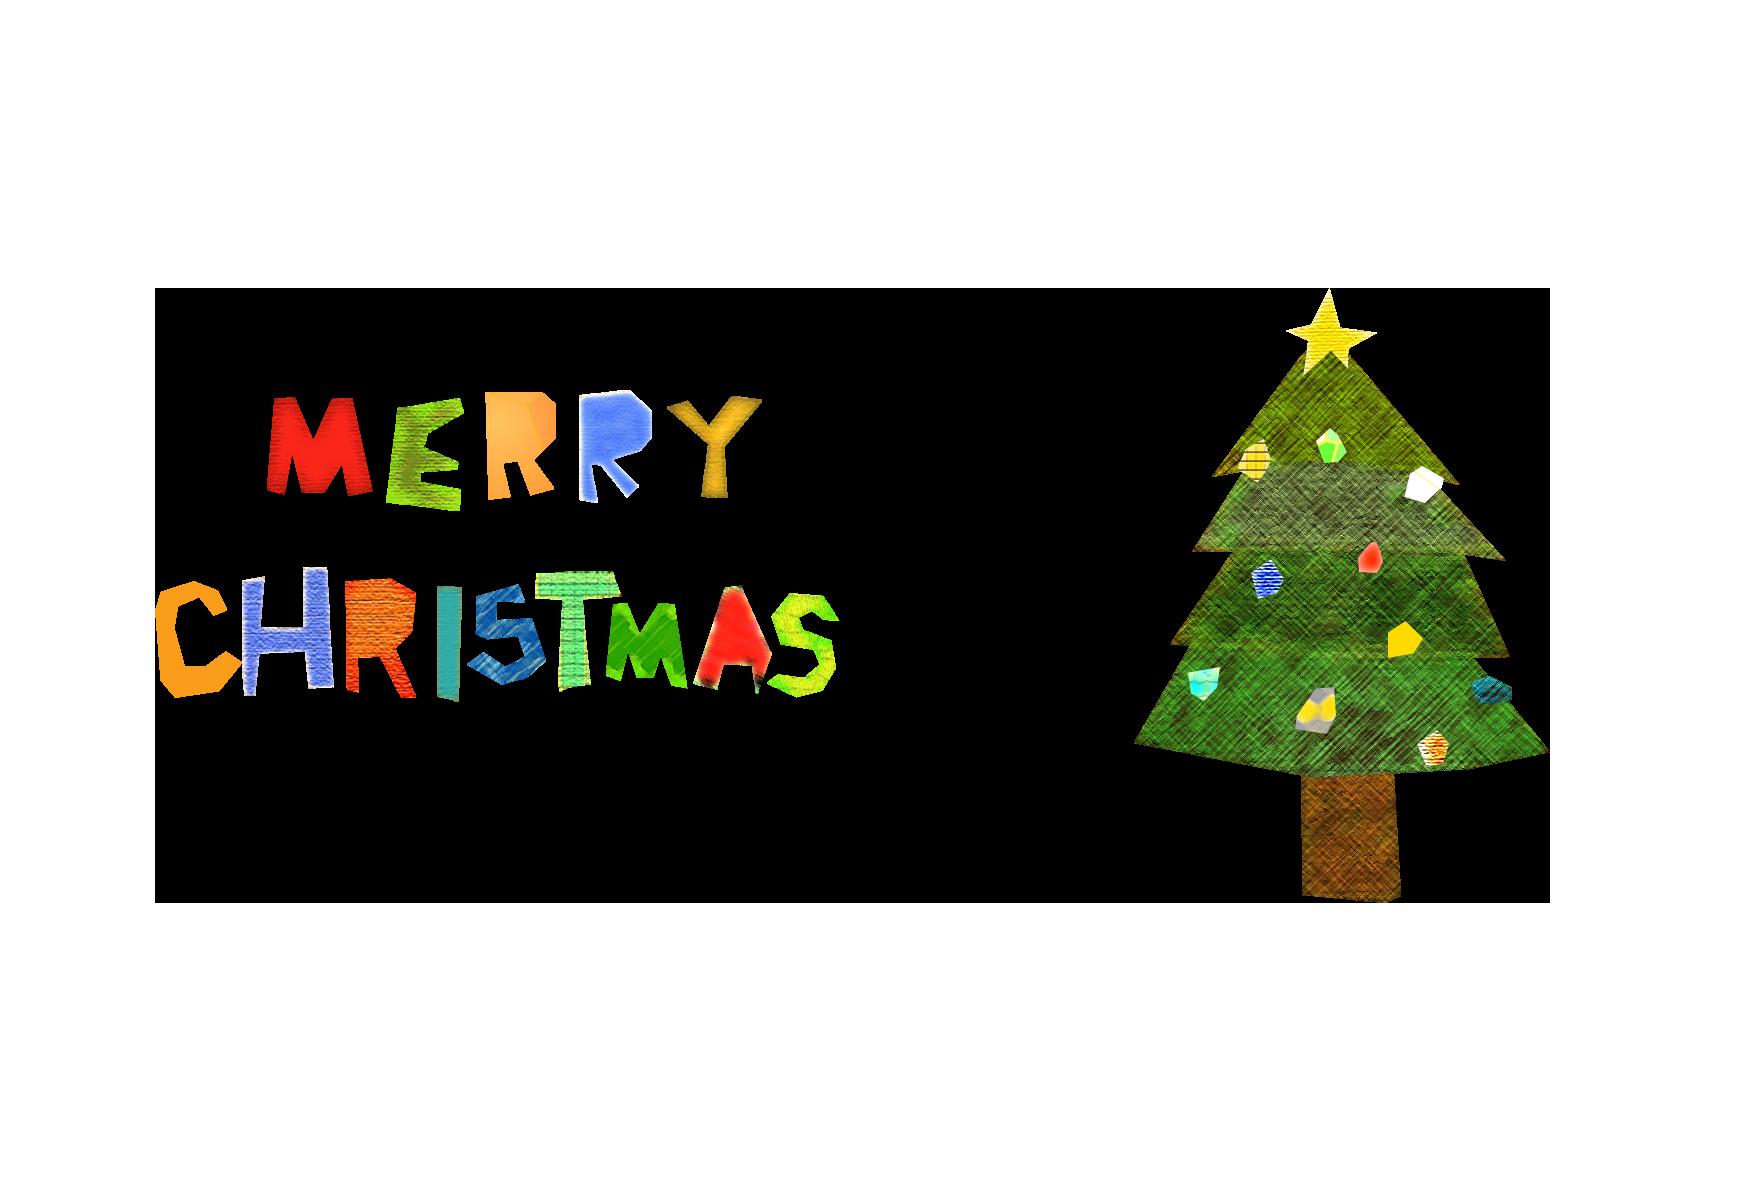 クリスマスカード コラージュ風テンプレートクリスマスツリー 無料